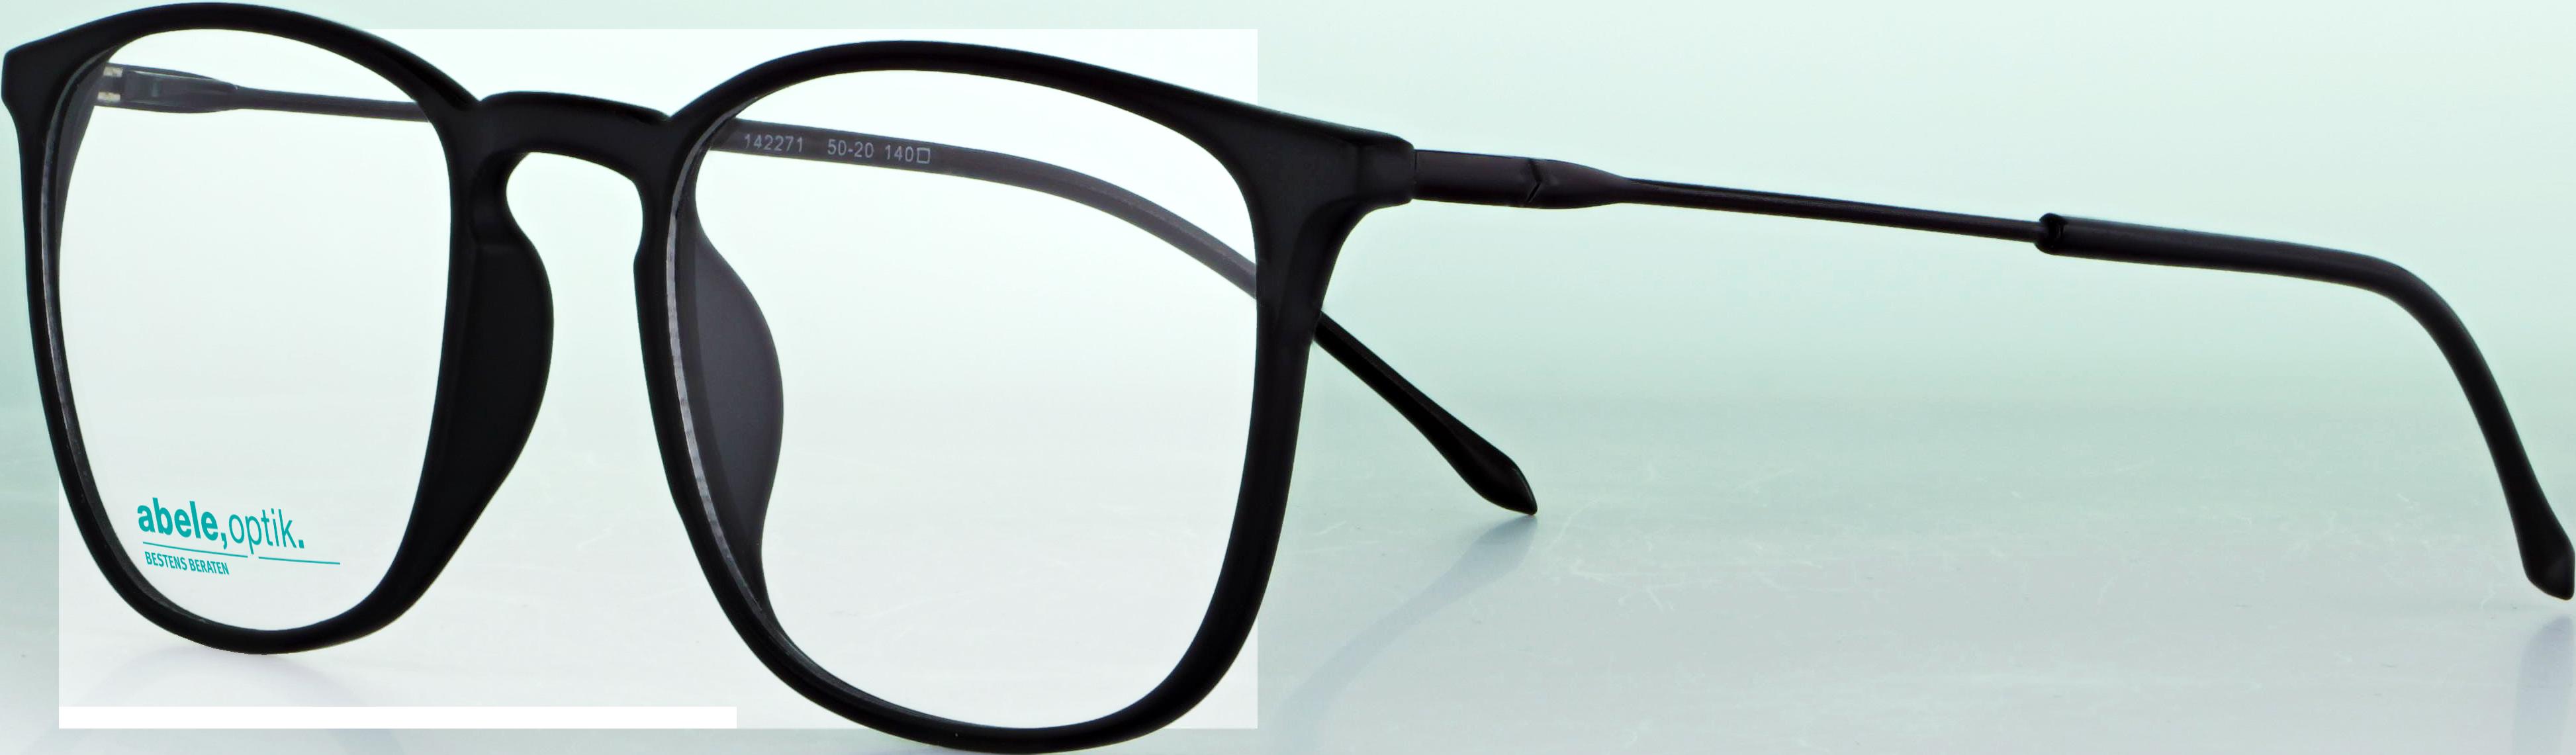 abele optik Brille 142271